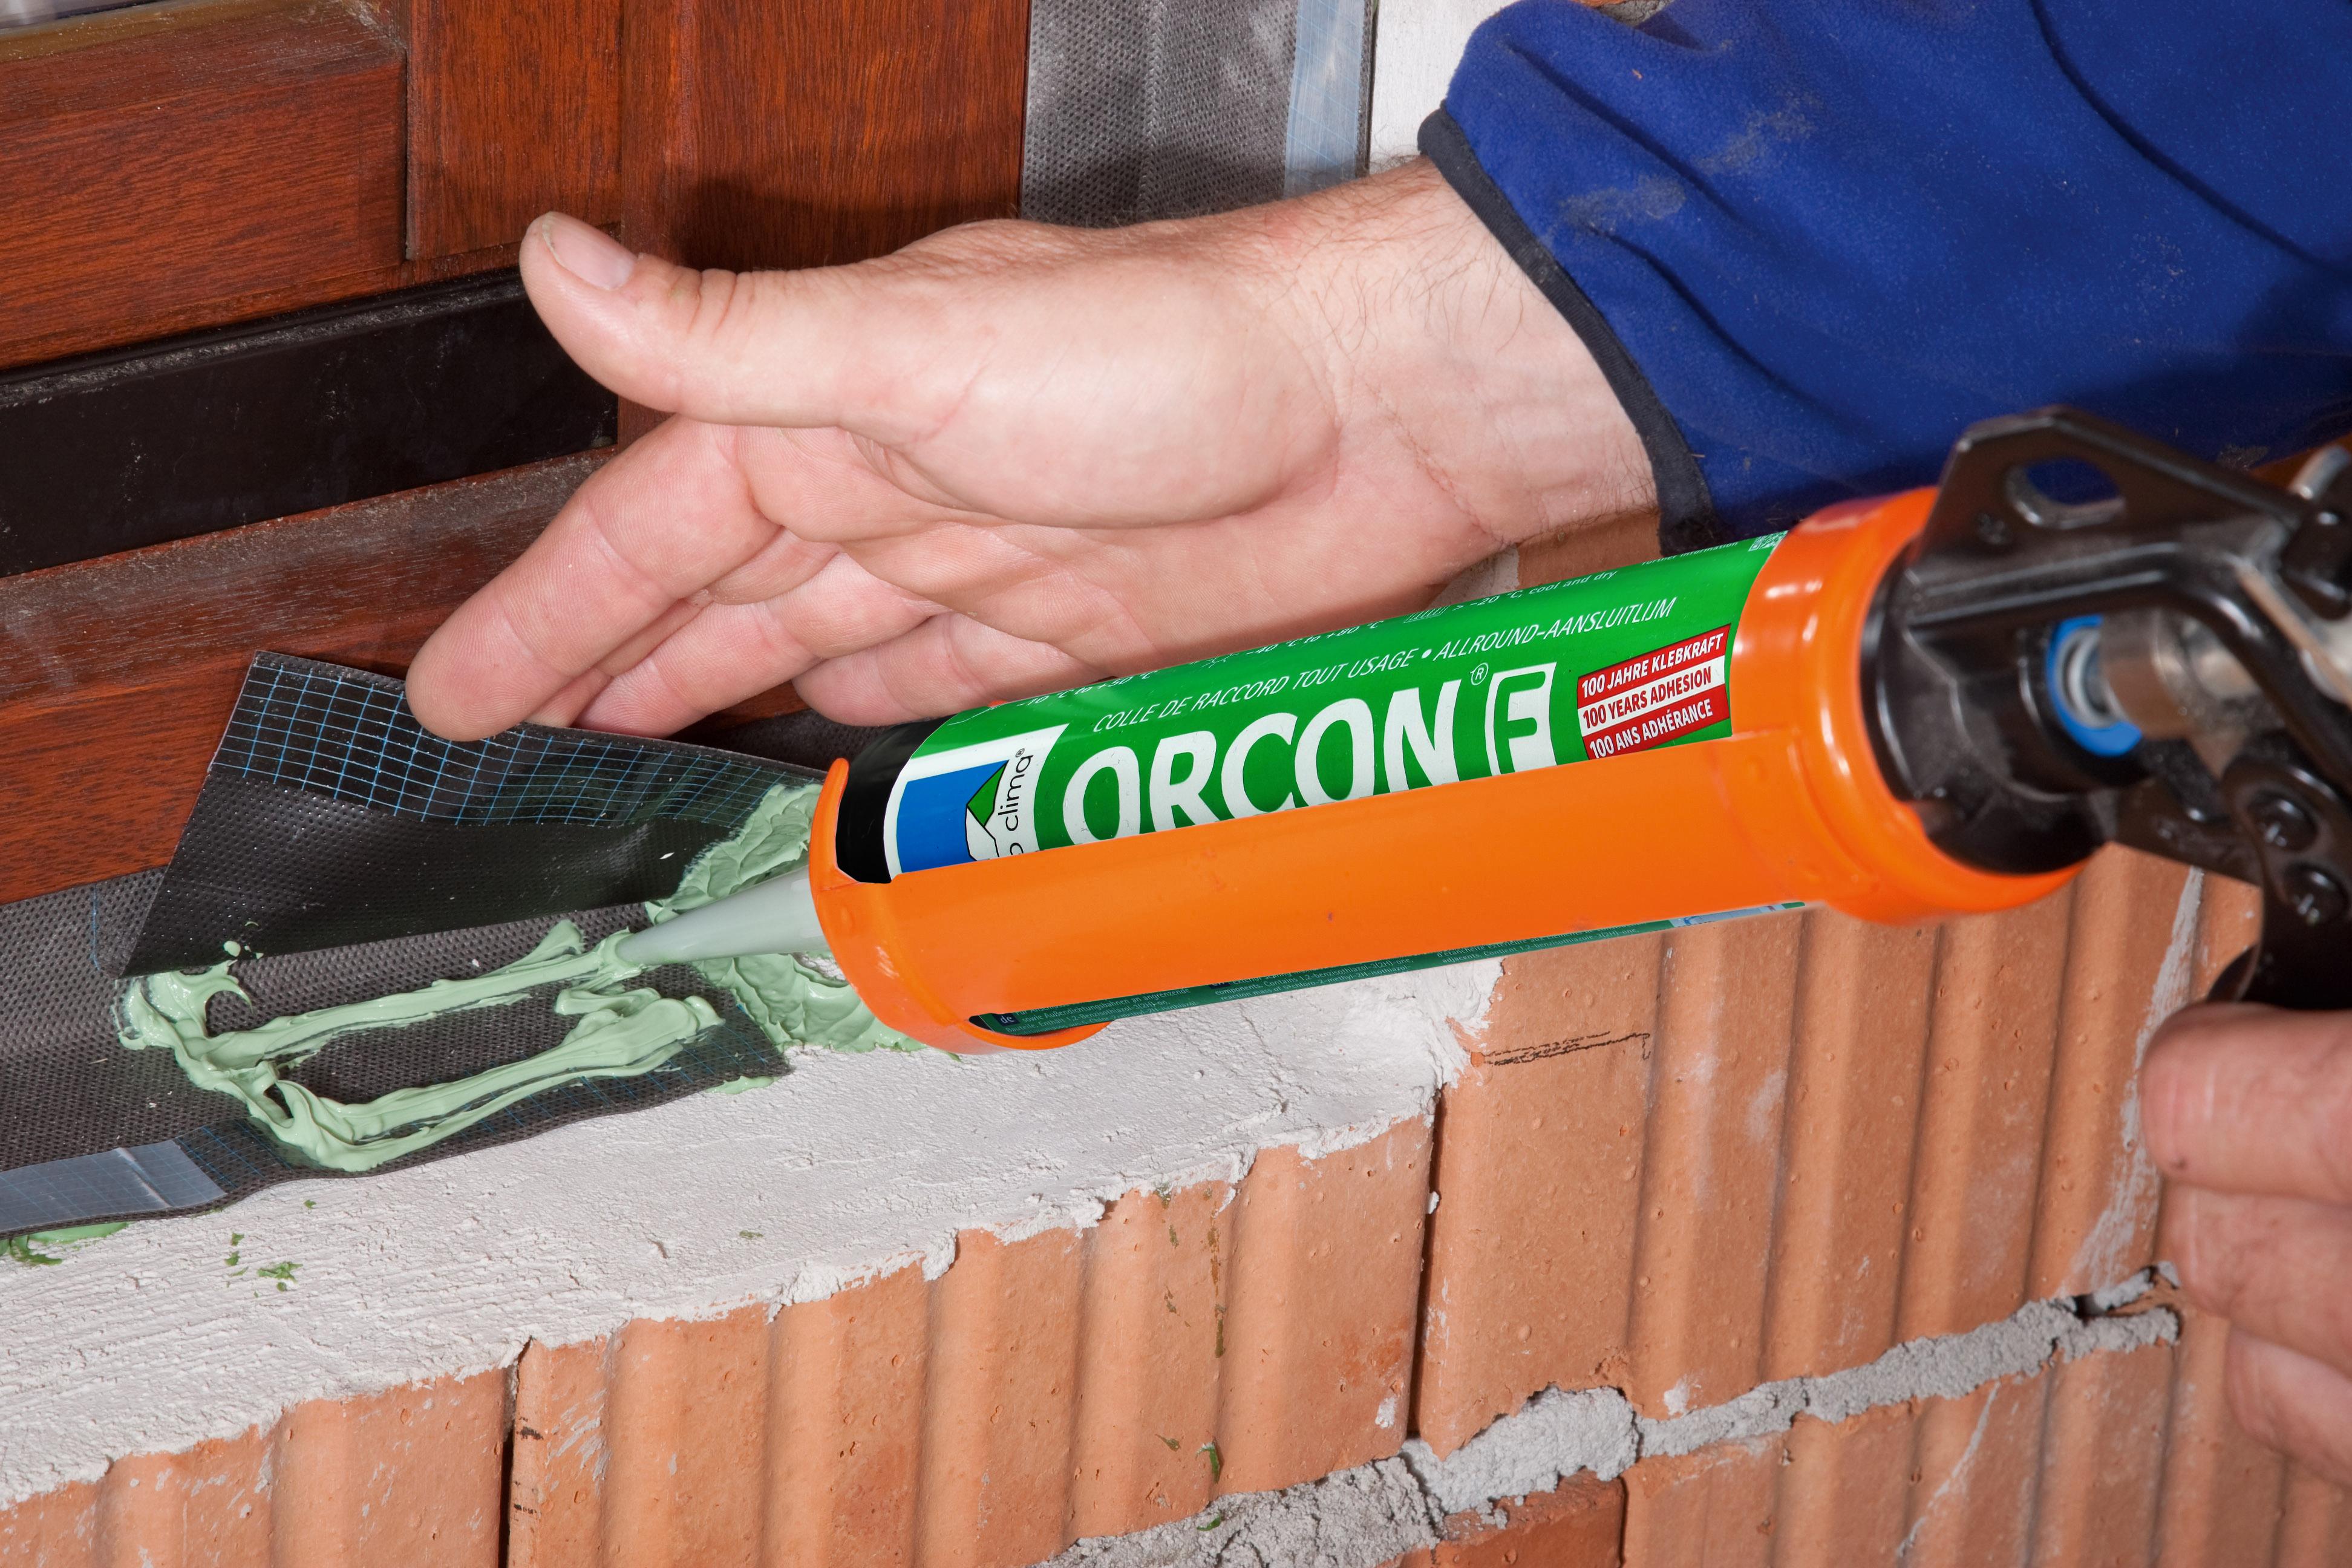 Pro Clima, ORCON F,  Allround-Anschlusskleber für innen und außen, Kartusche 310 ml